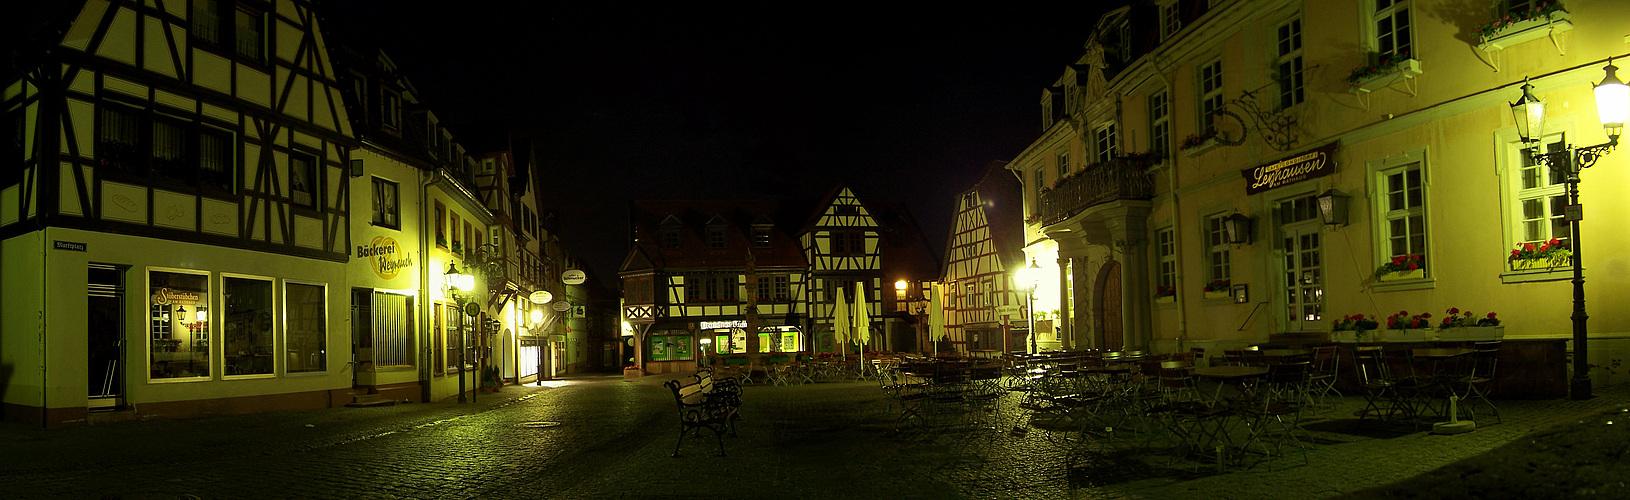 Marktplatz von Michelstadt im Odenwald bei Nacht